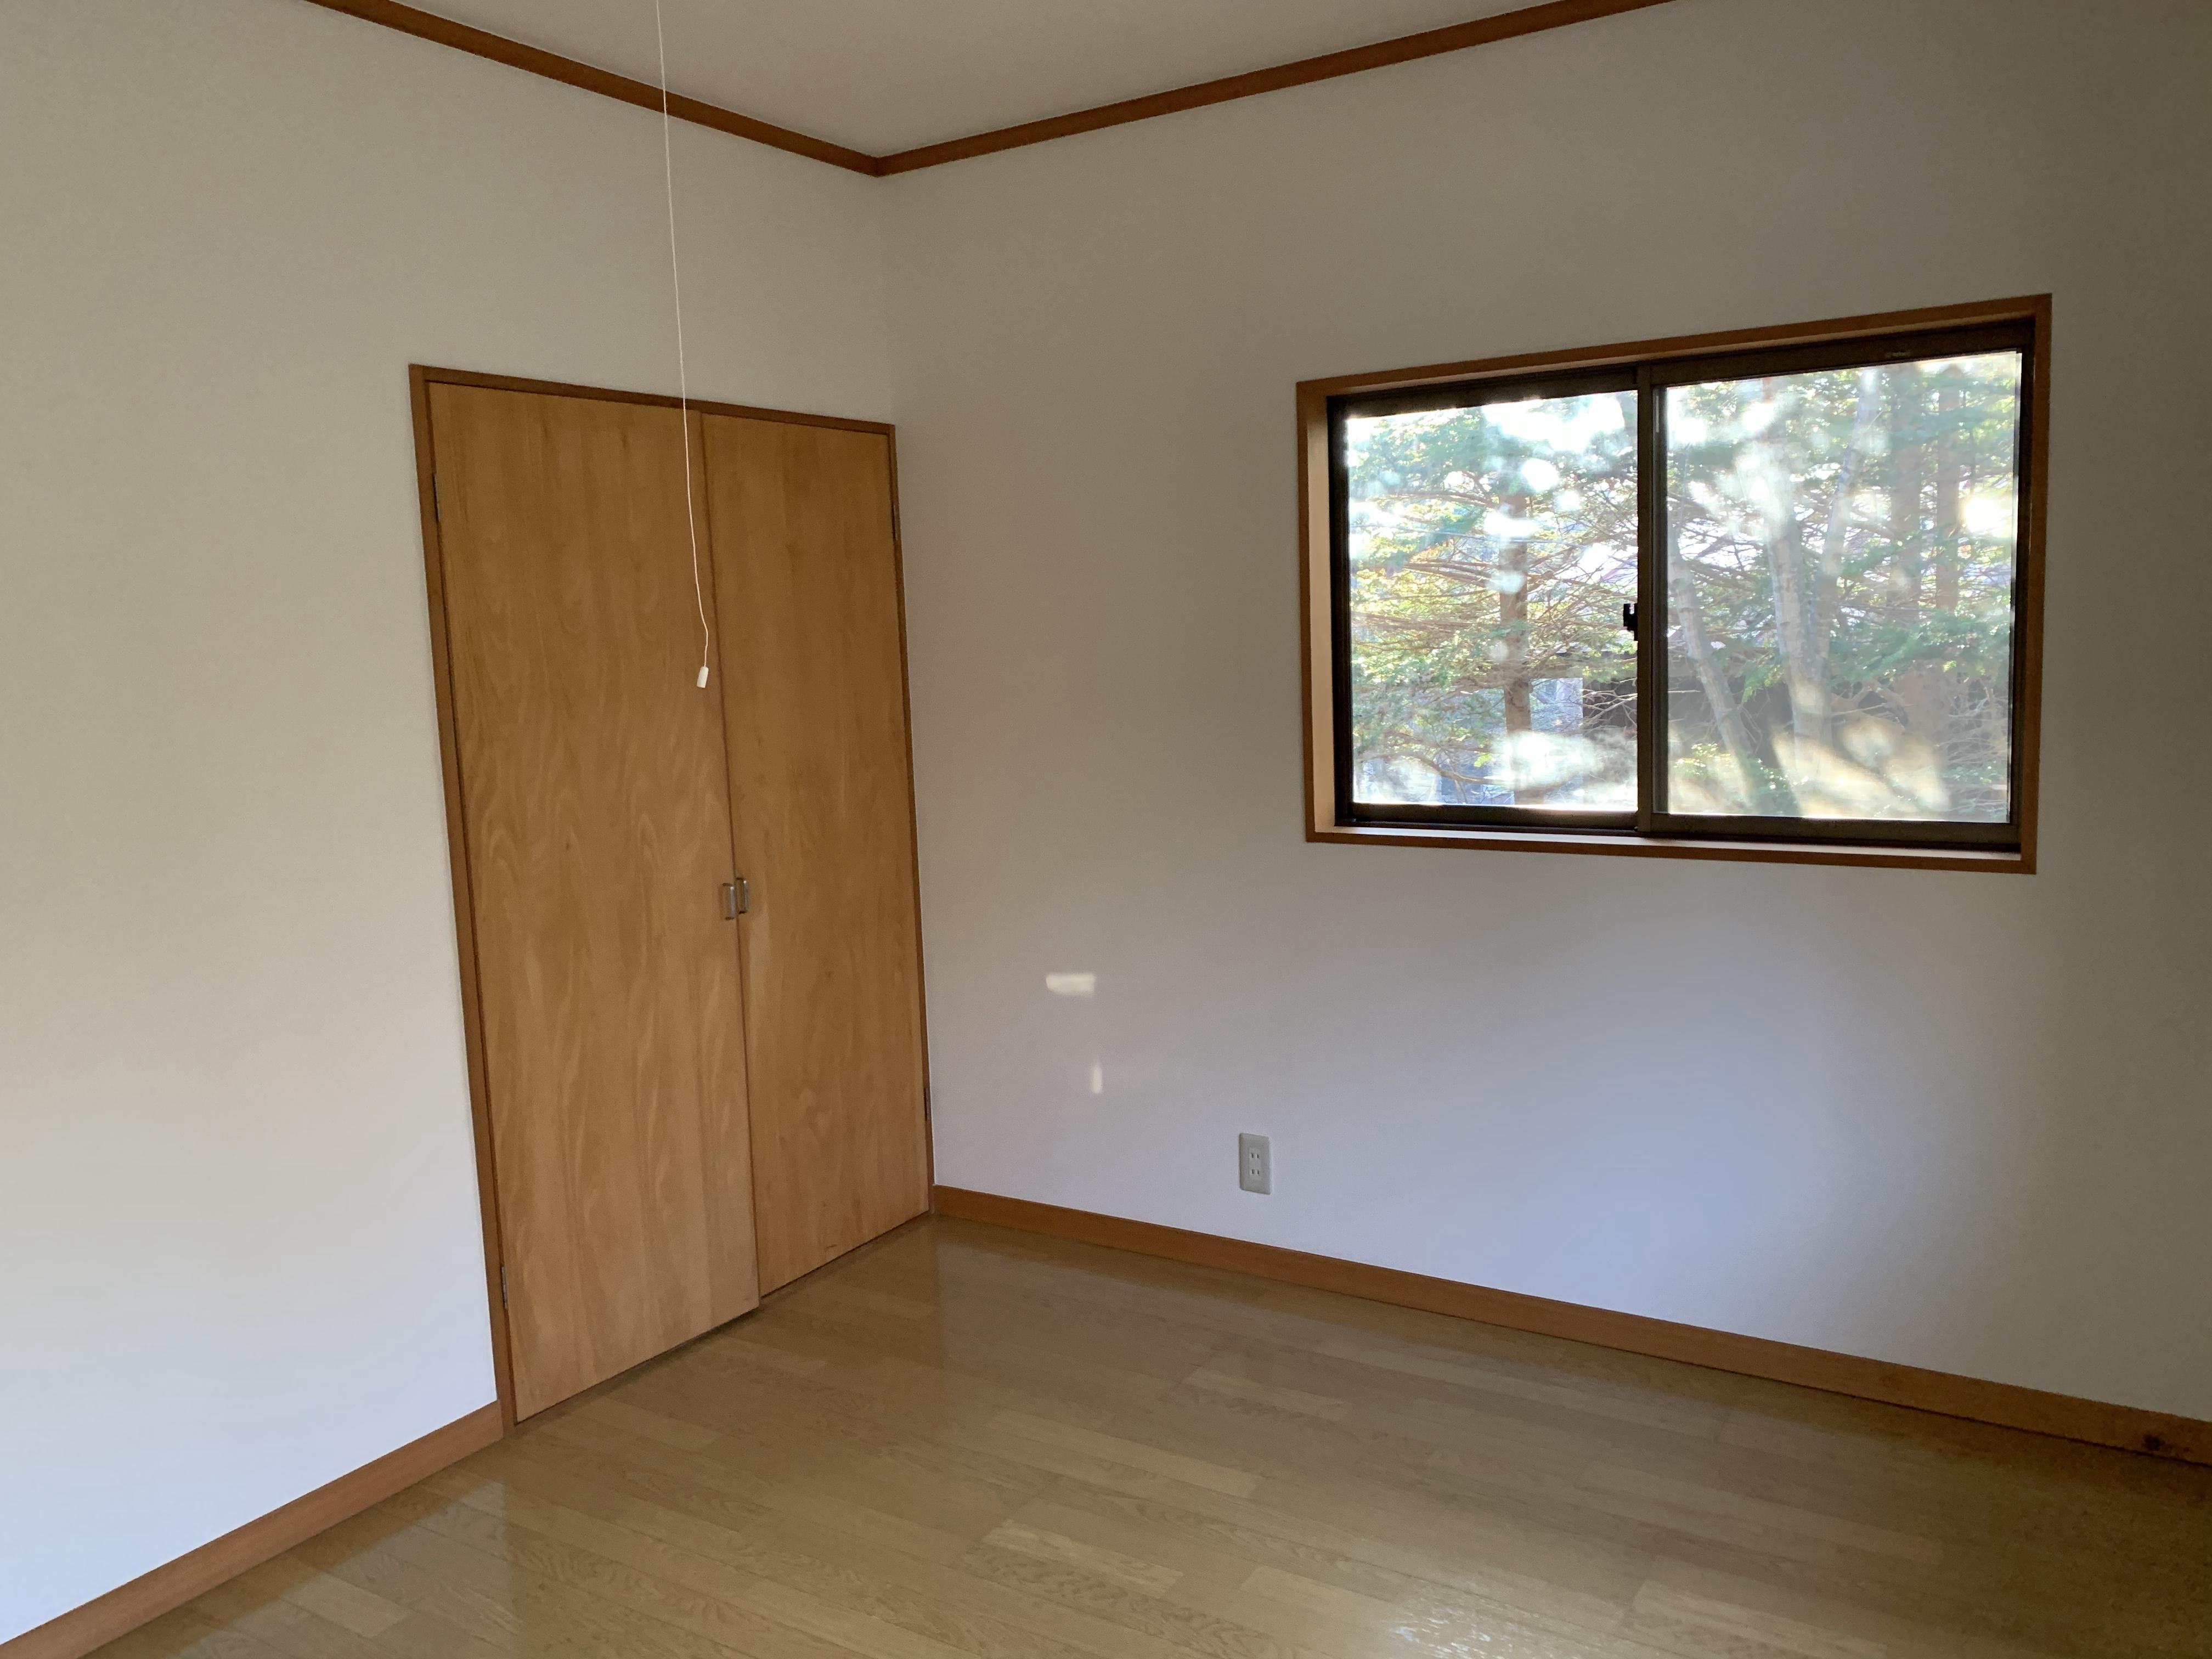 土地付建物 千ヶ滝西区 4,300万円595